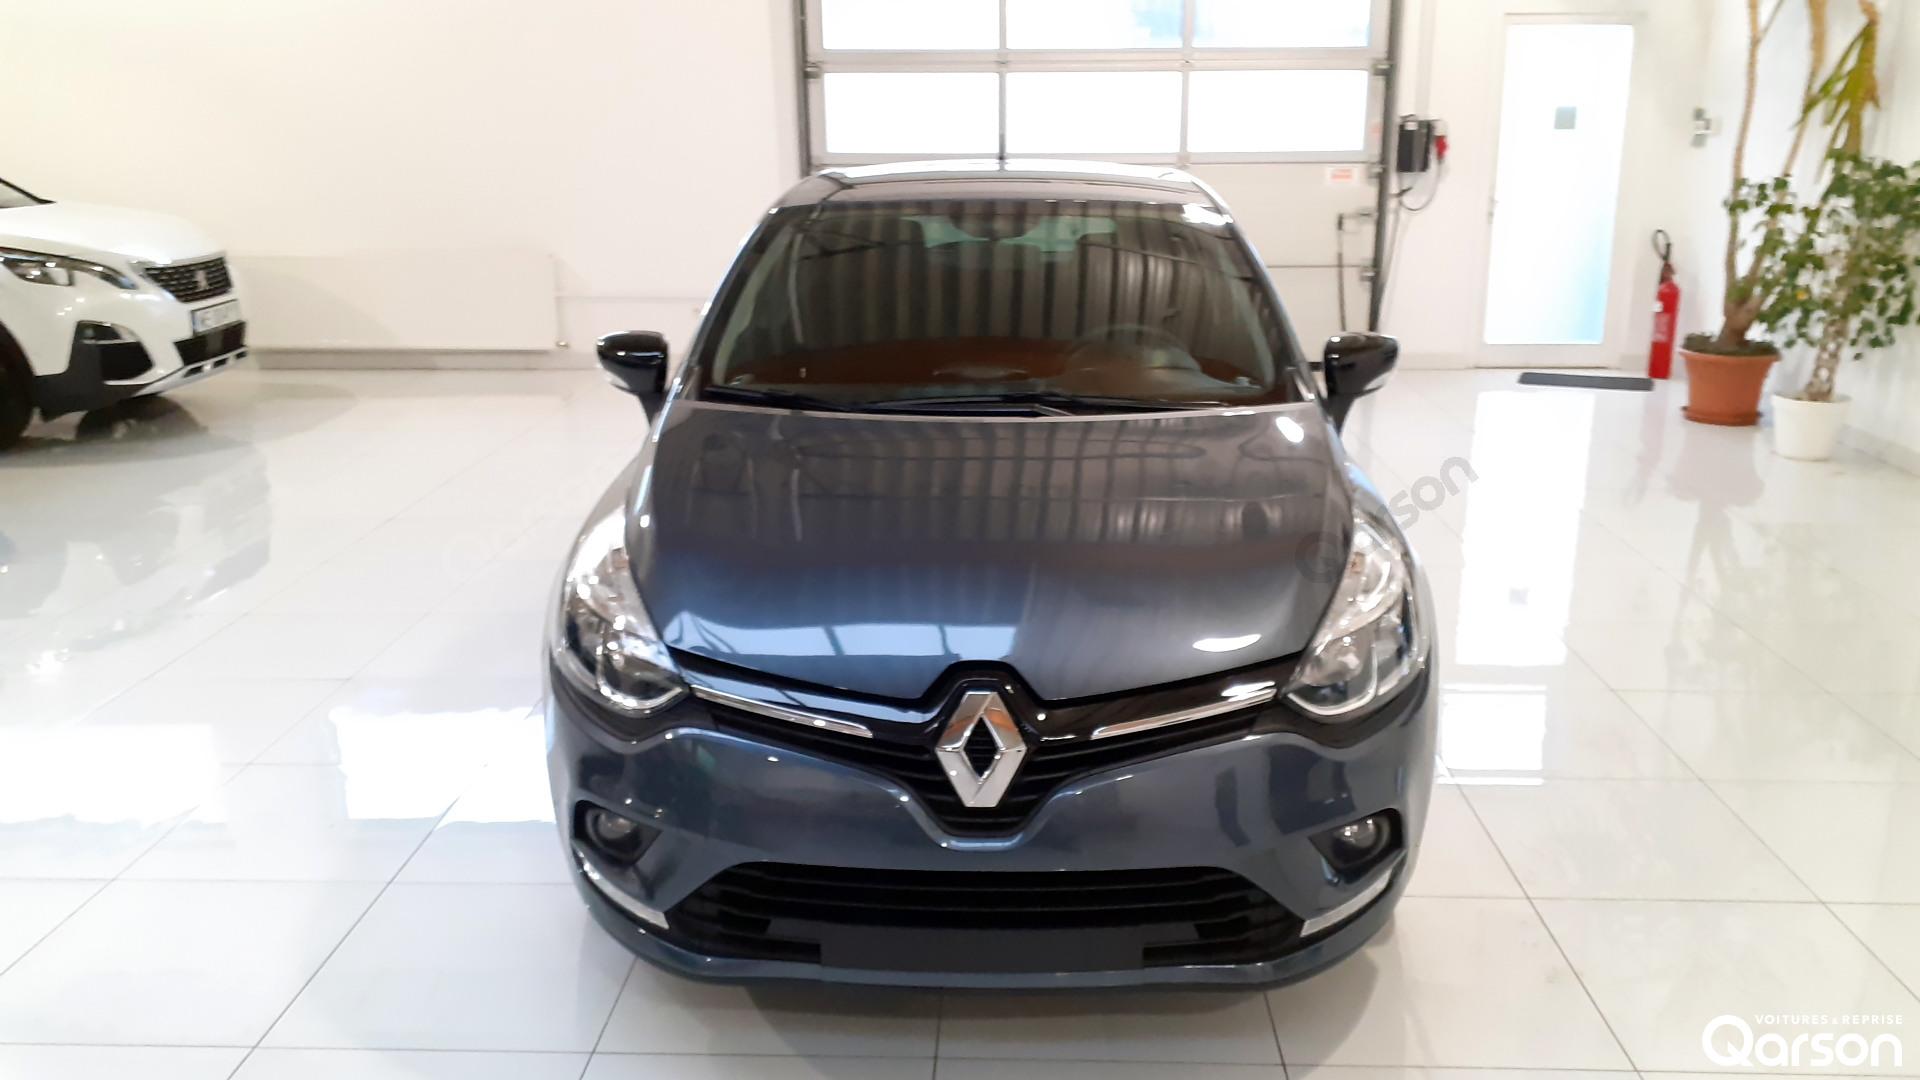 Calandre Renault Clio 5P